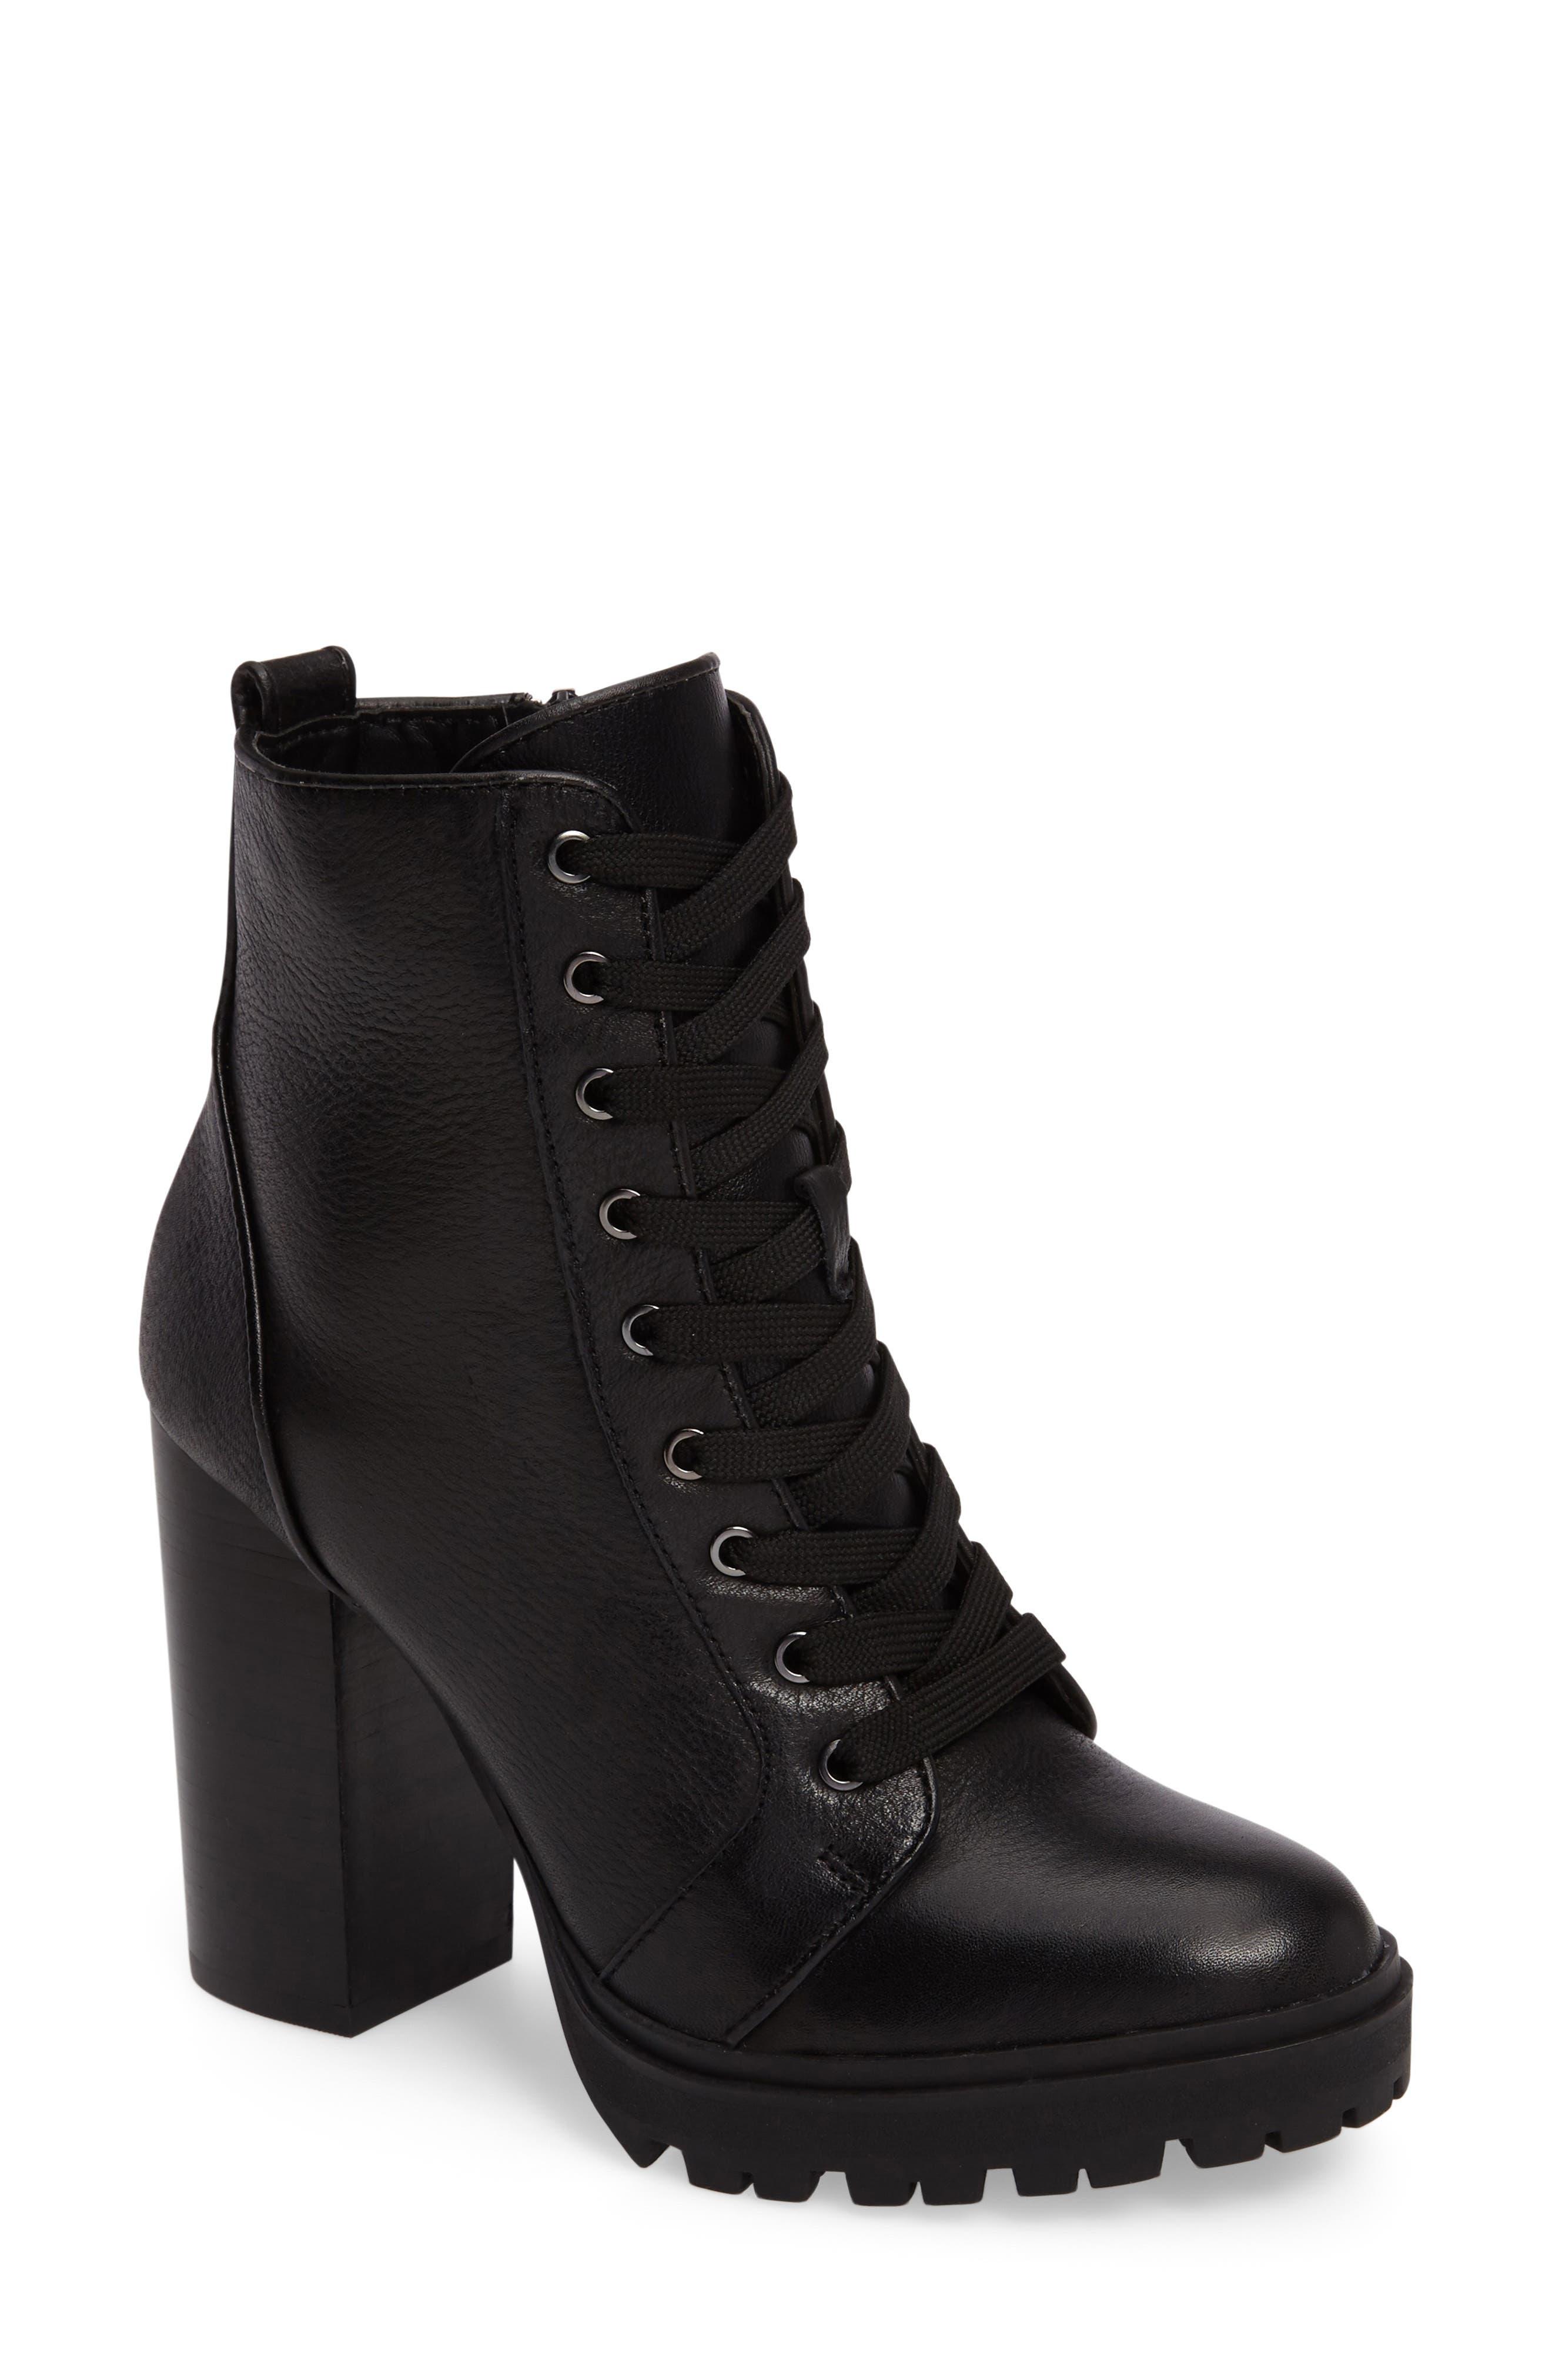 High Heel Lace Up Boots vzlse6Jj